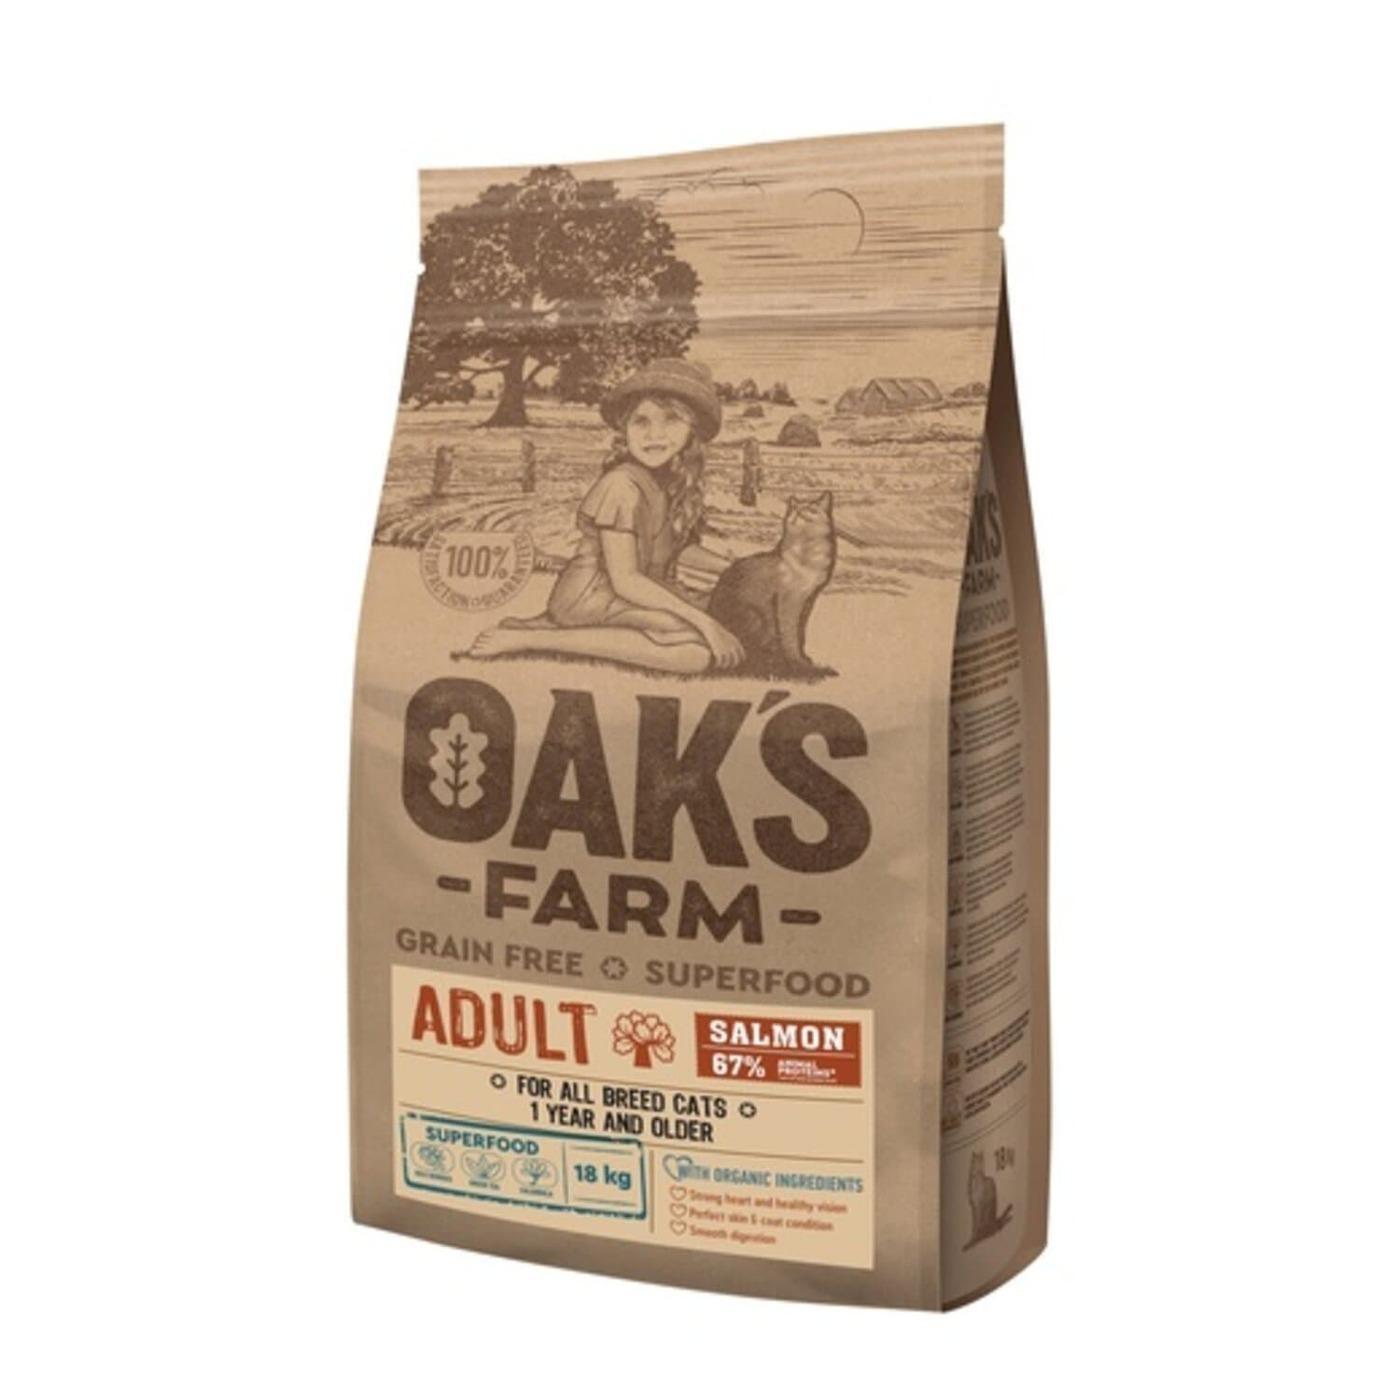 Oaks Farm GF сухой корм для кошек, лосось 18 кг